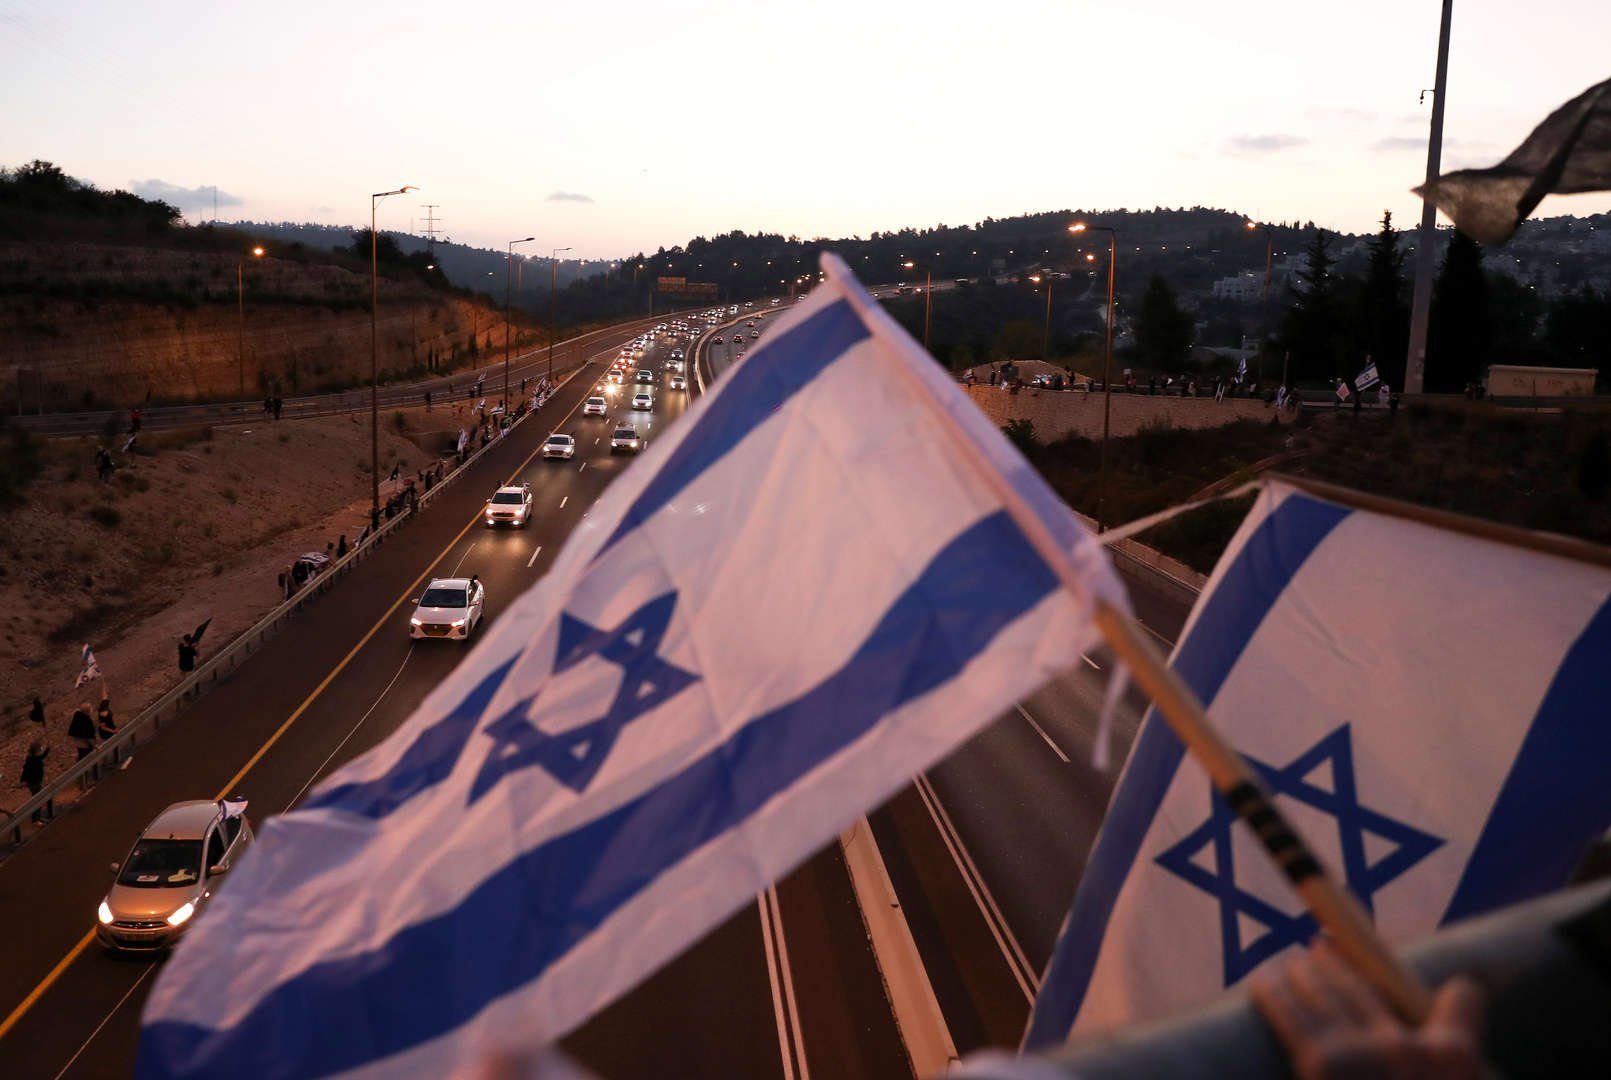 المحكمة العليا الإسرائيلية تجيز الحصول على الجنسية لمعتنقي اليهودية من غير الأرثوذكس